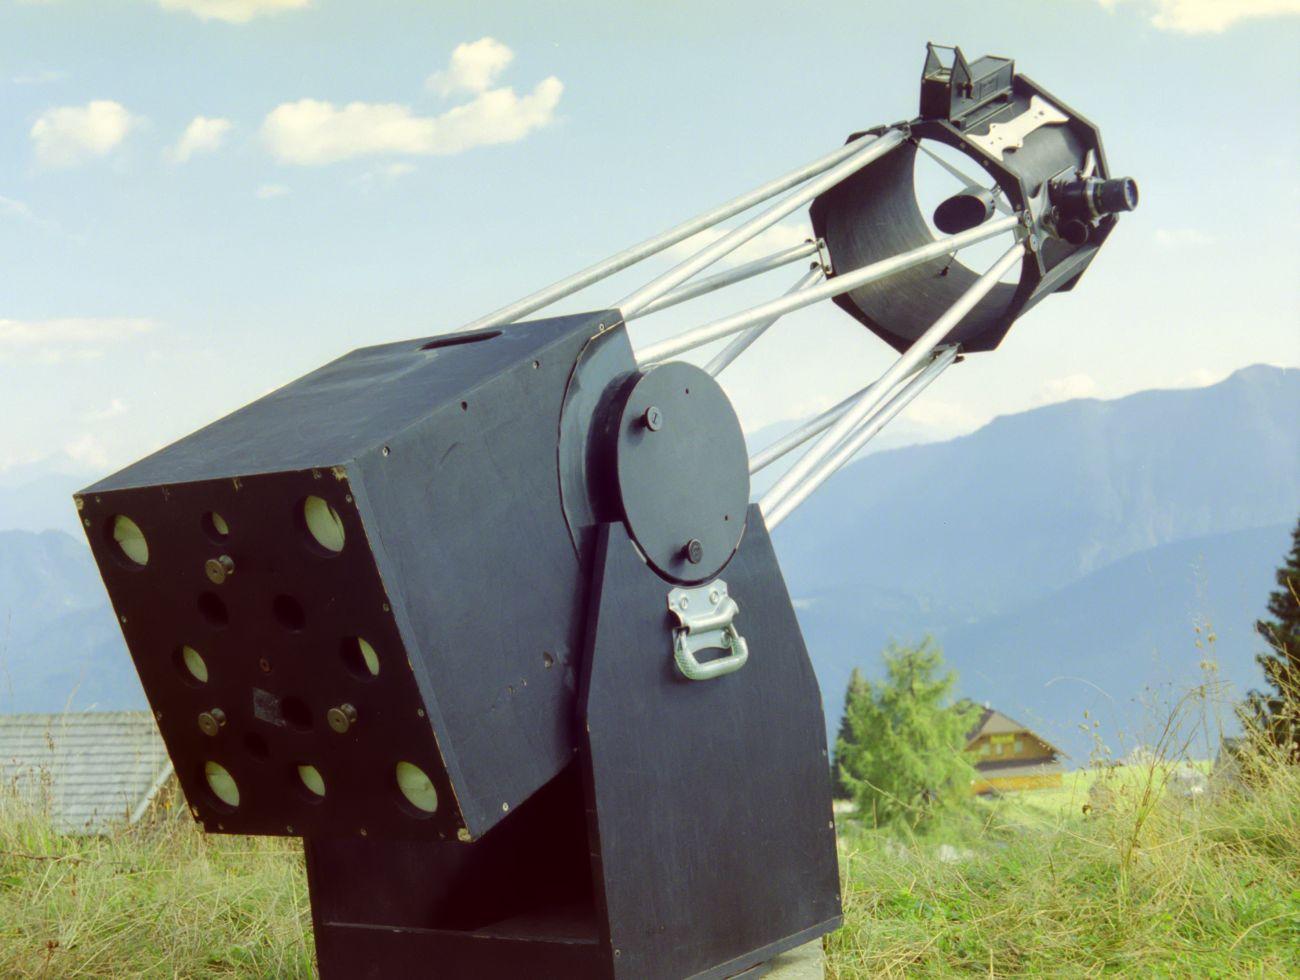 Anschliessen einer vollformat dslr an einem teleskop